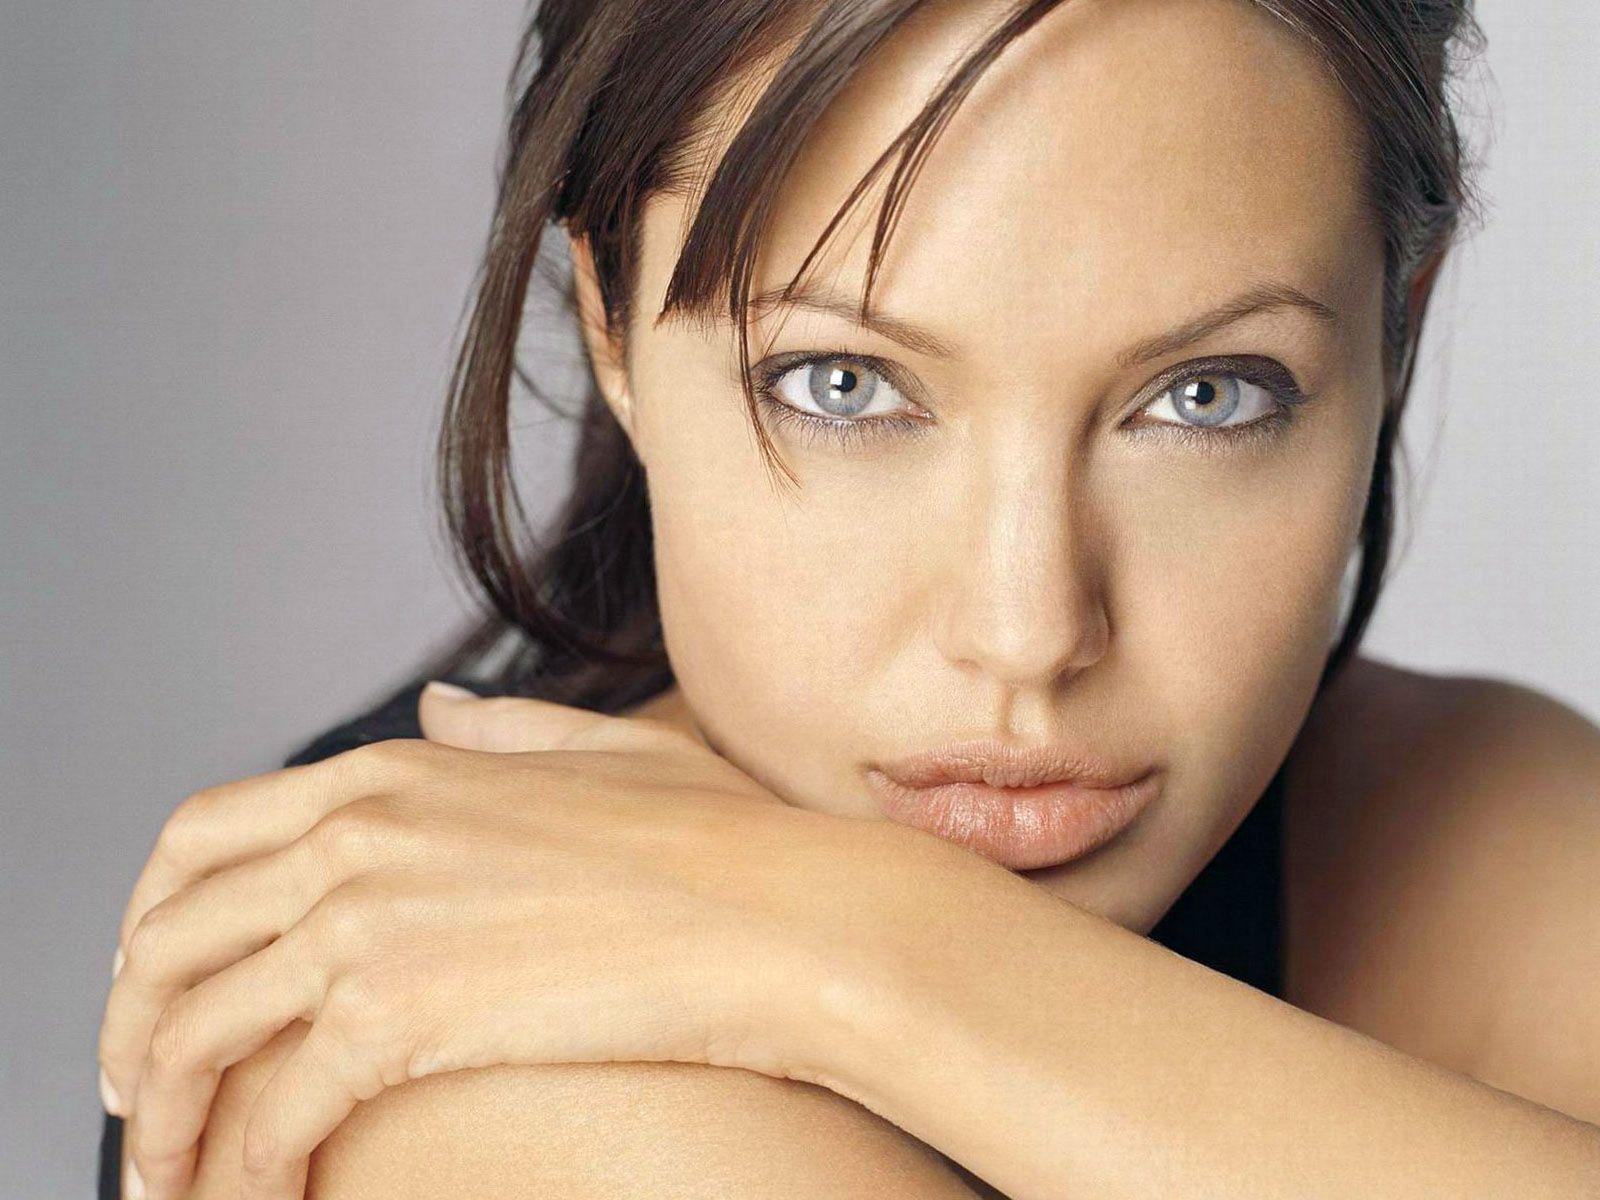 Angelina Jolie 5 Desktop Background